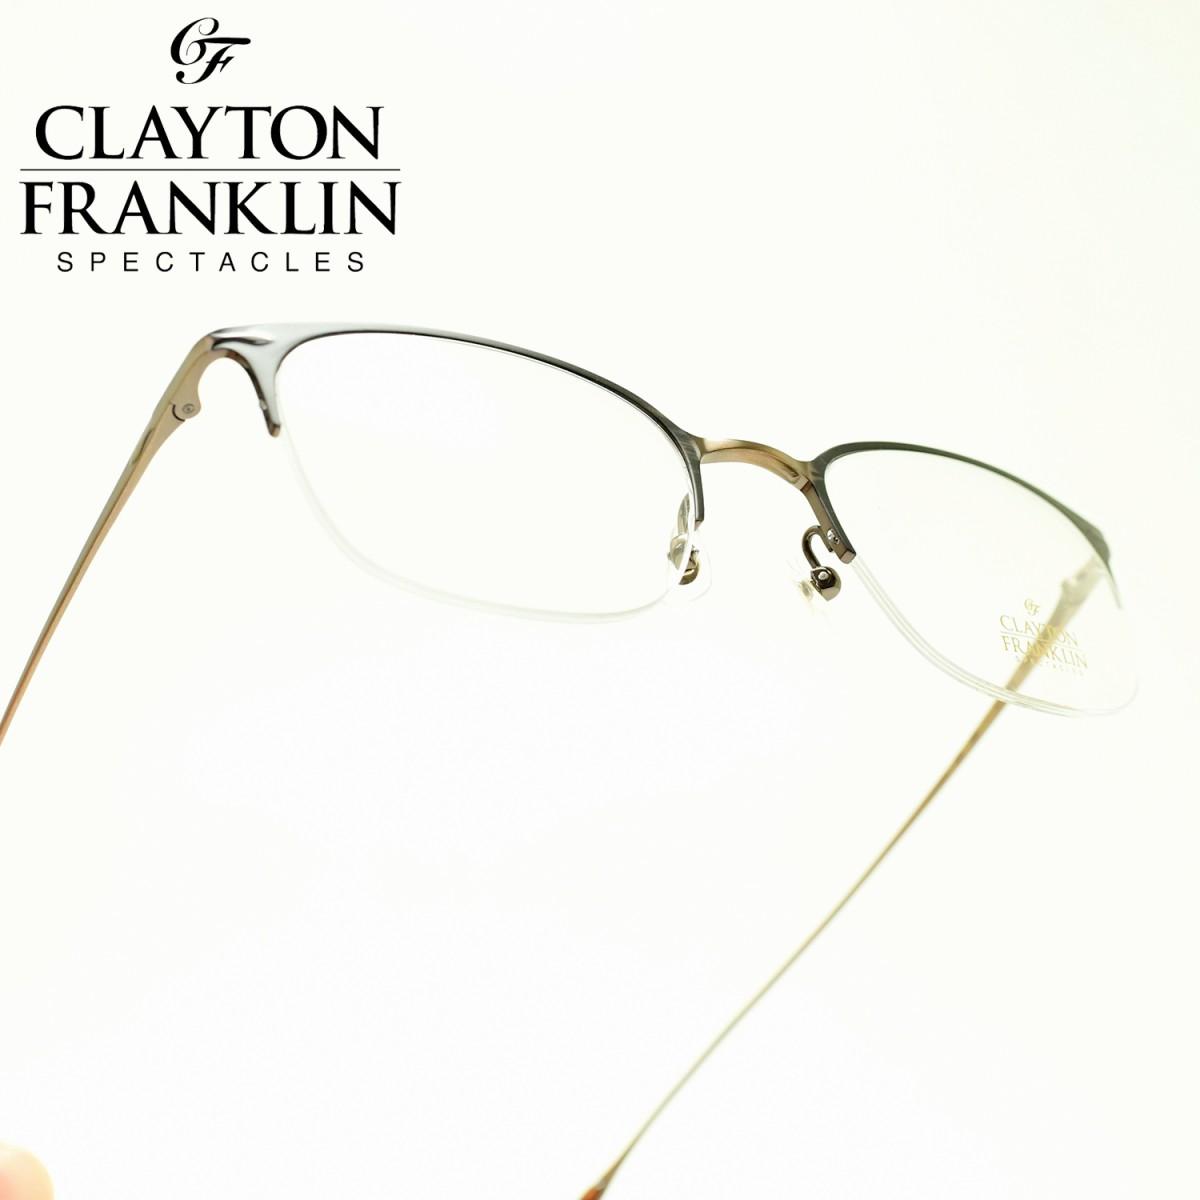 CLAYTON FRANKLIN クレイトンフランクリン634 BR(ブラウン/デモレンズ)メガネ 眼鏡 めがね メンズ レディース おしゃれブランド 人気 おすすめ フレーム 流行り 度付き レンズ